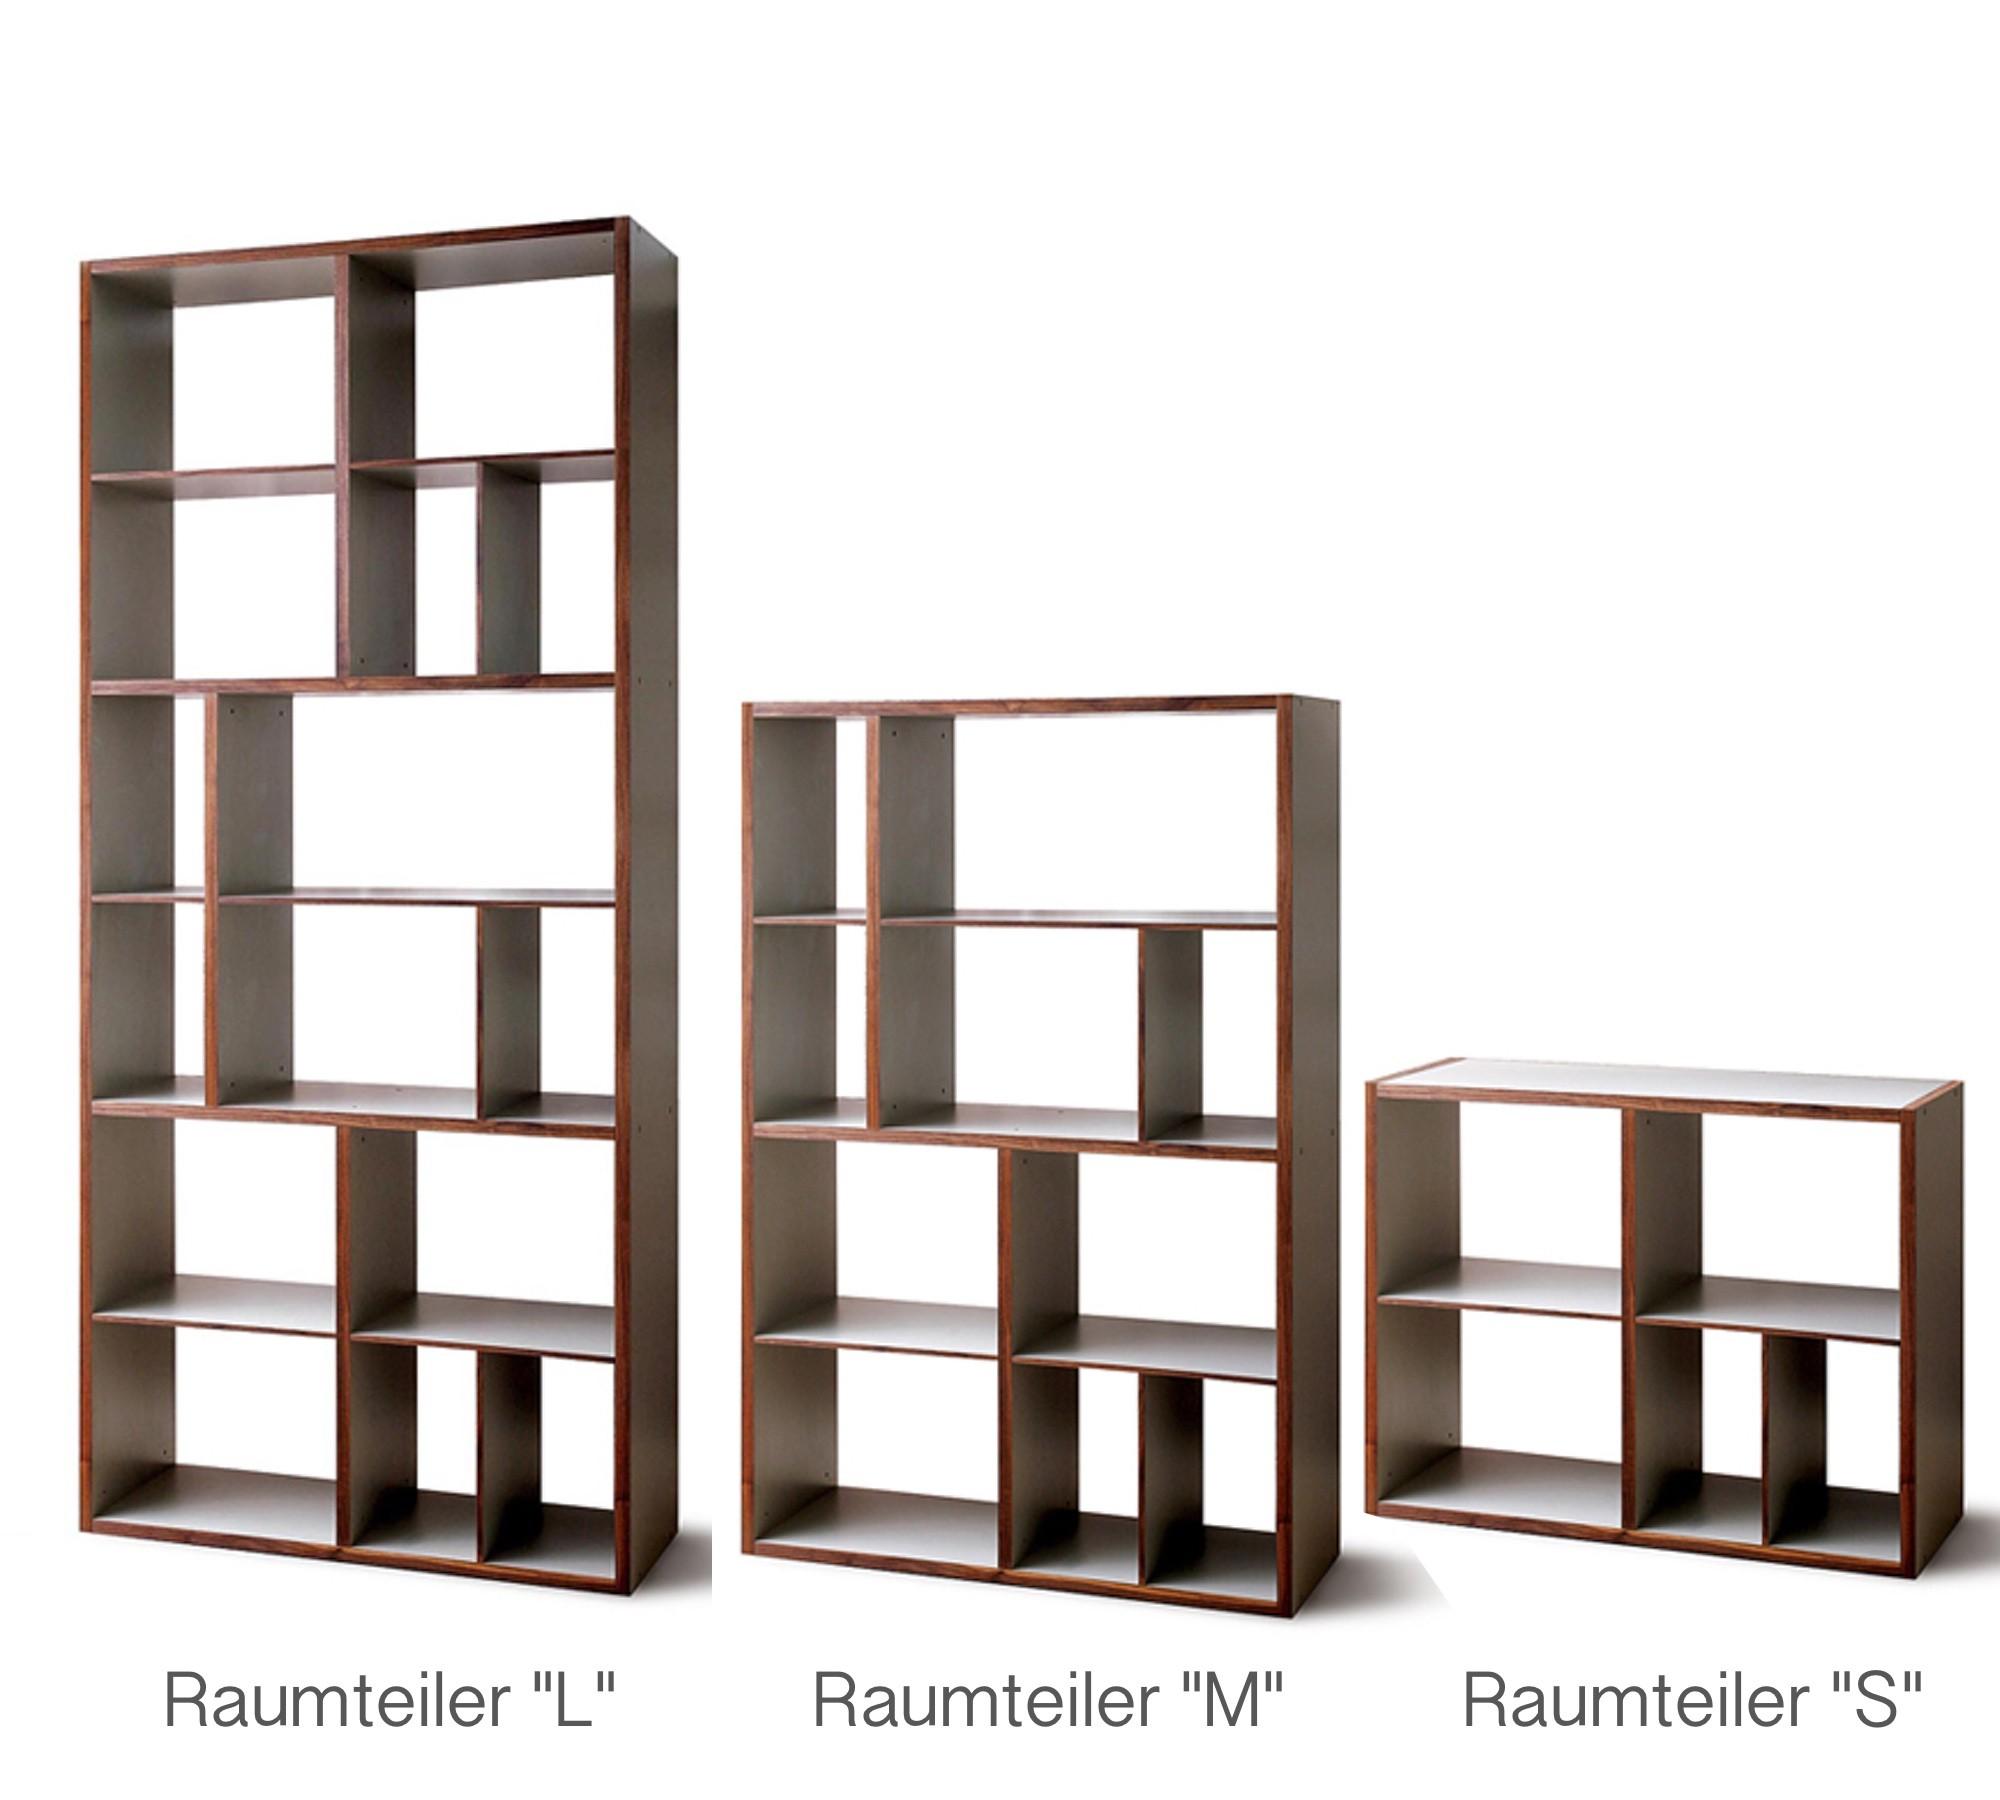 Gewaltig Raumteiler Regal Ideen Von Mint Design Shelf L Massivholz Mit B111cm